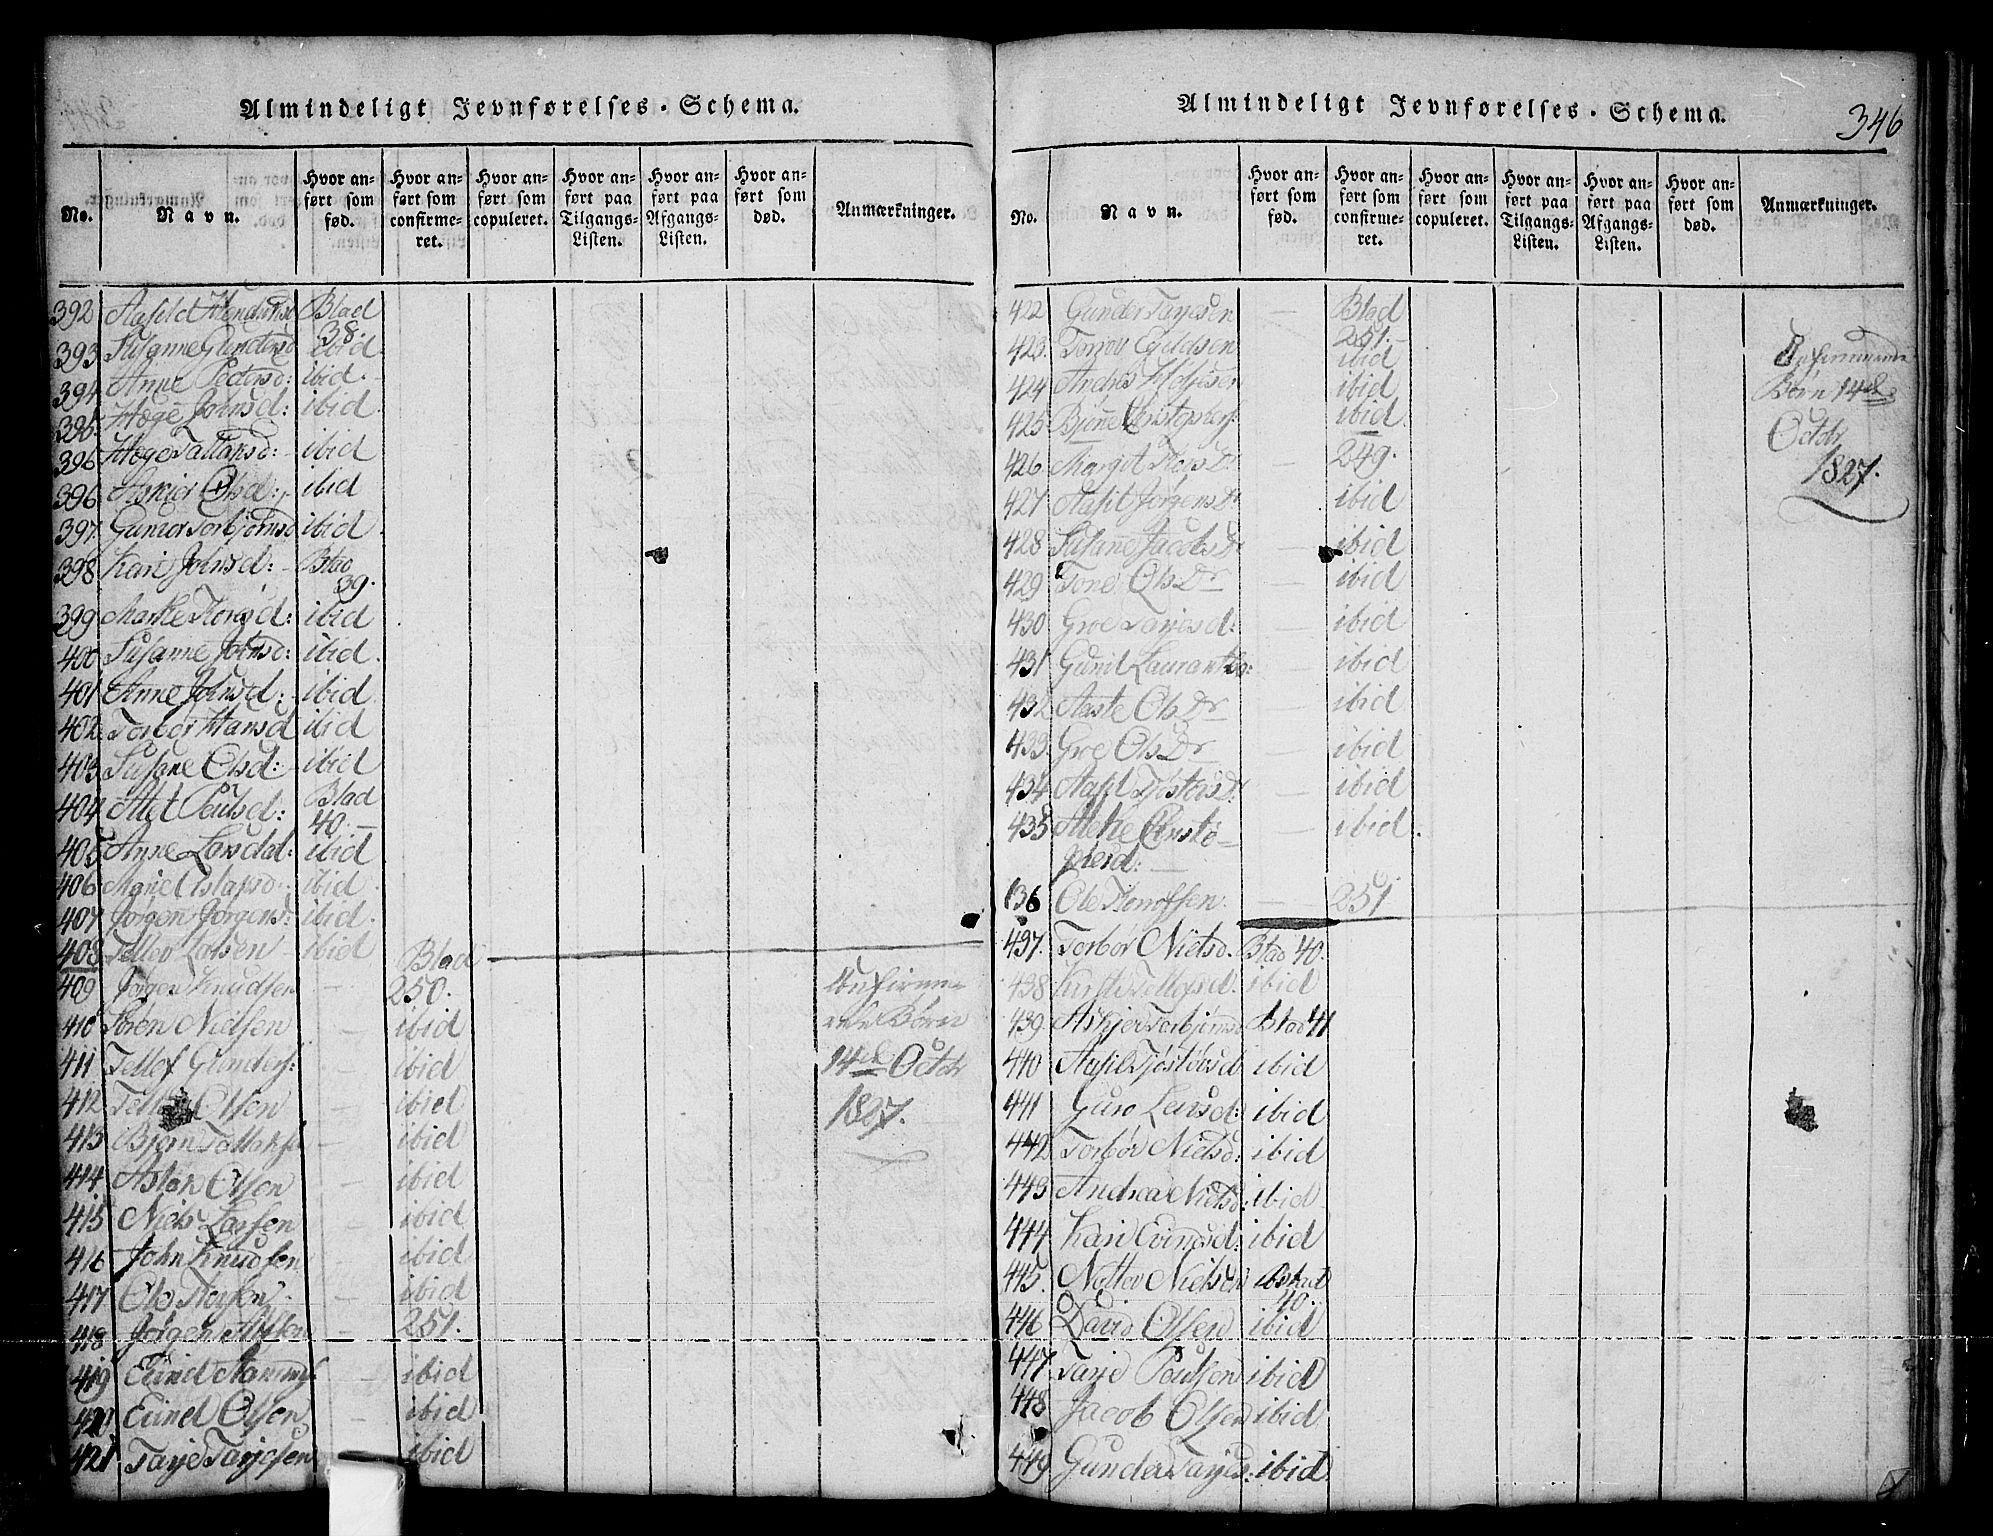 SAKO, Nissedal kirkebøker, G/Ga/L0001: Klokkerbok nr. I 1, 1814-1860, s. 346